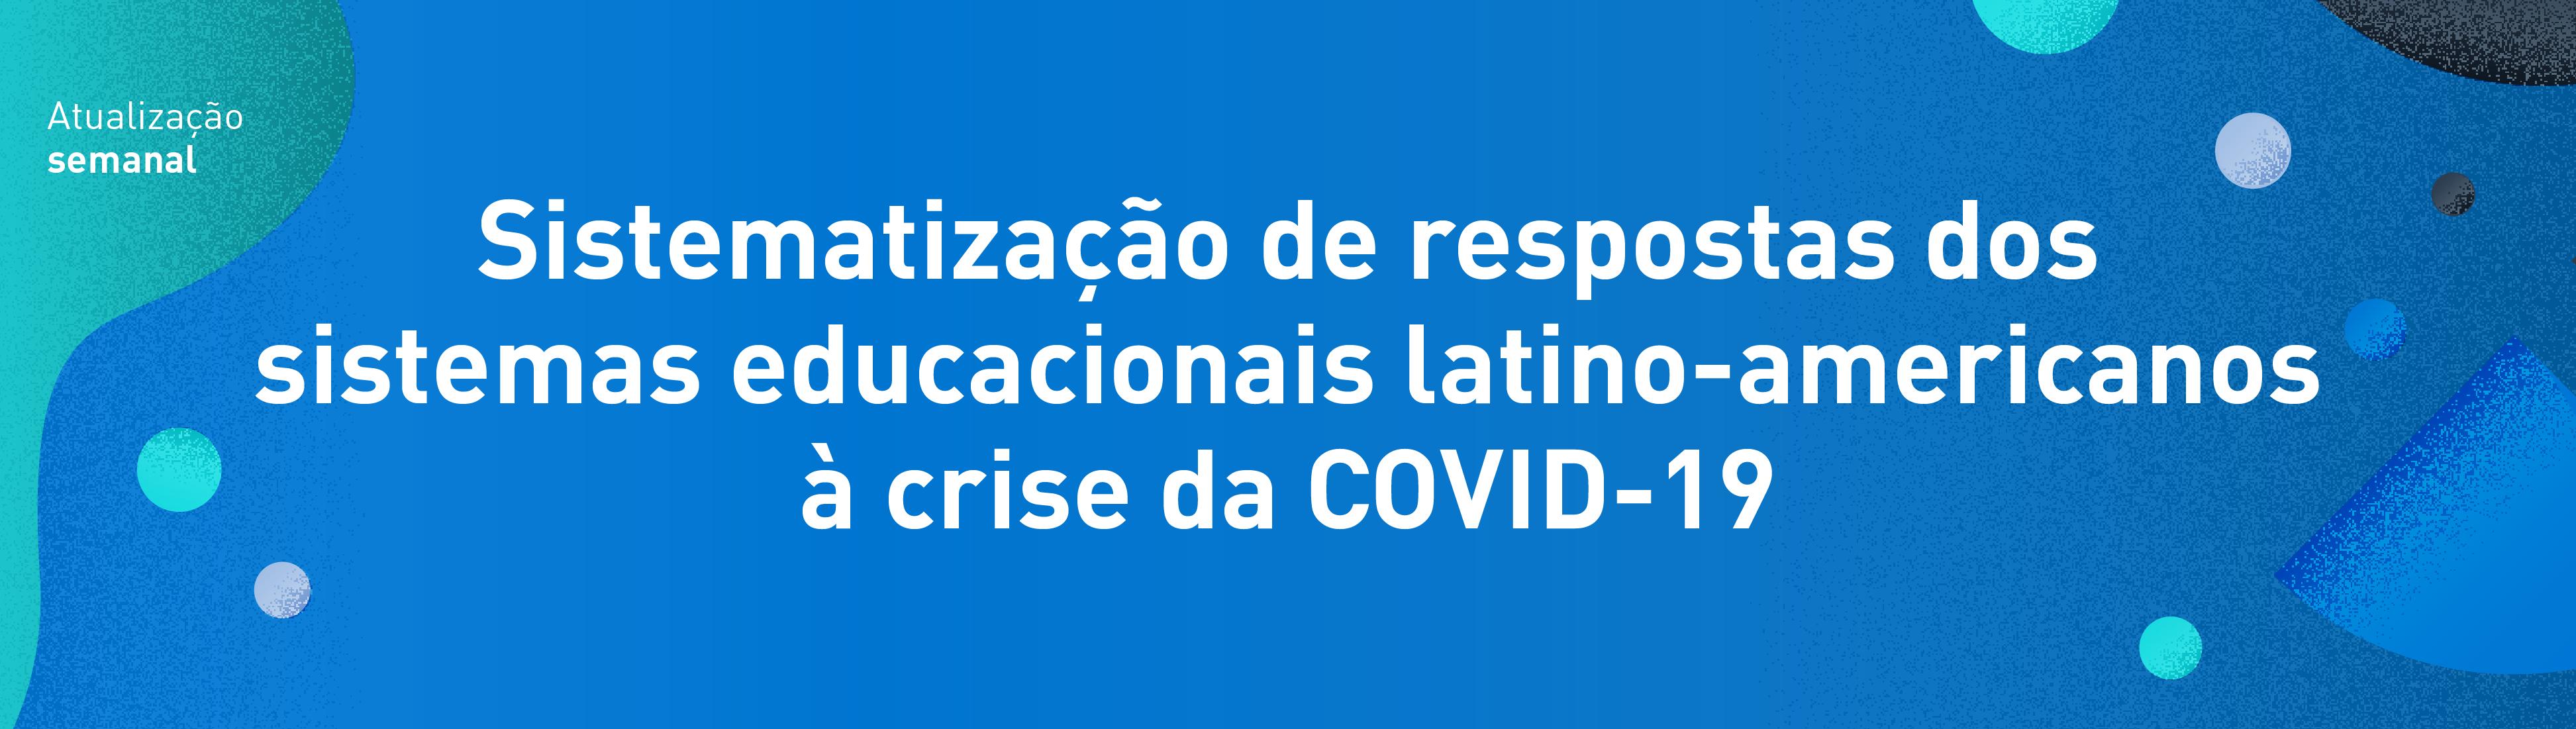 Sistematização de respostas dos sistemas educacionais latino-americanos à crise da COVID-19